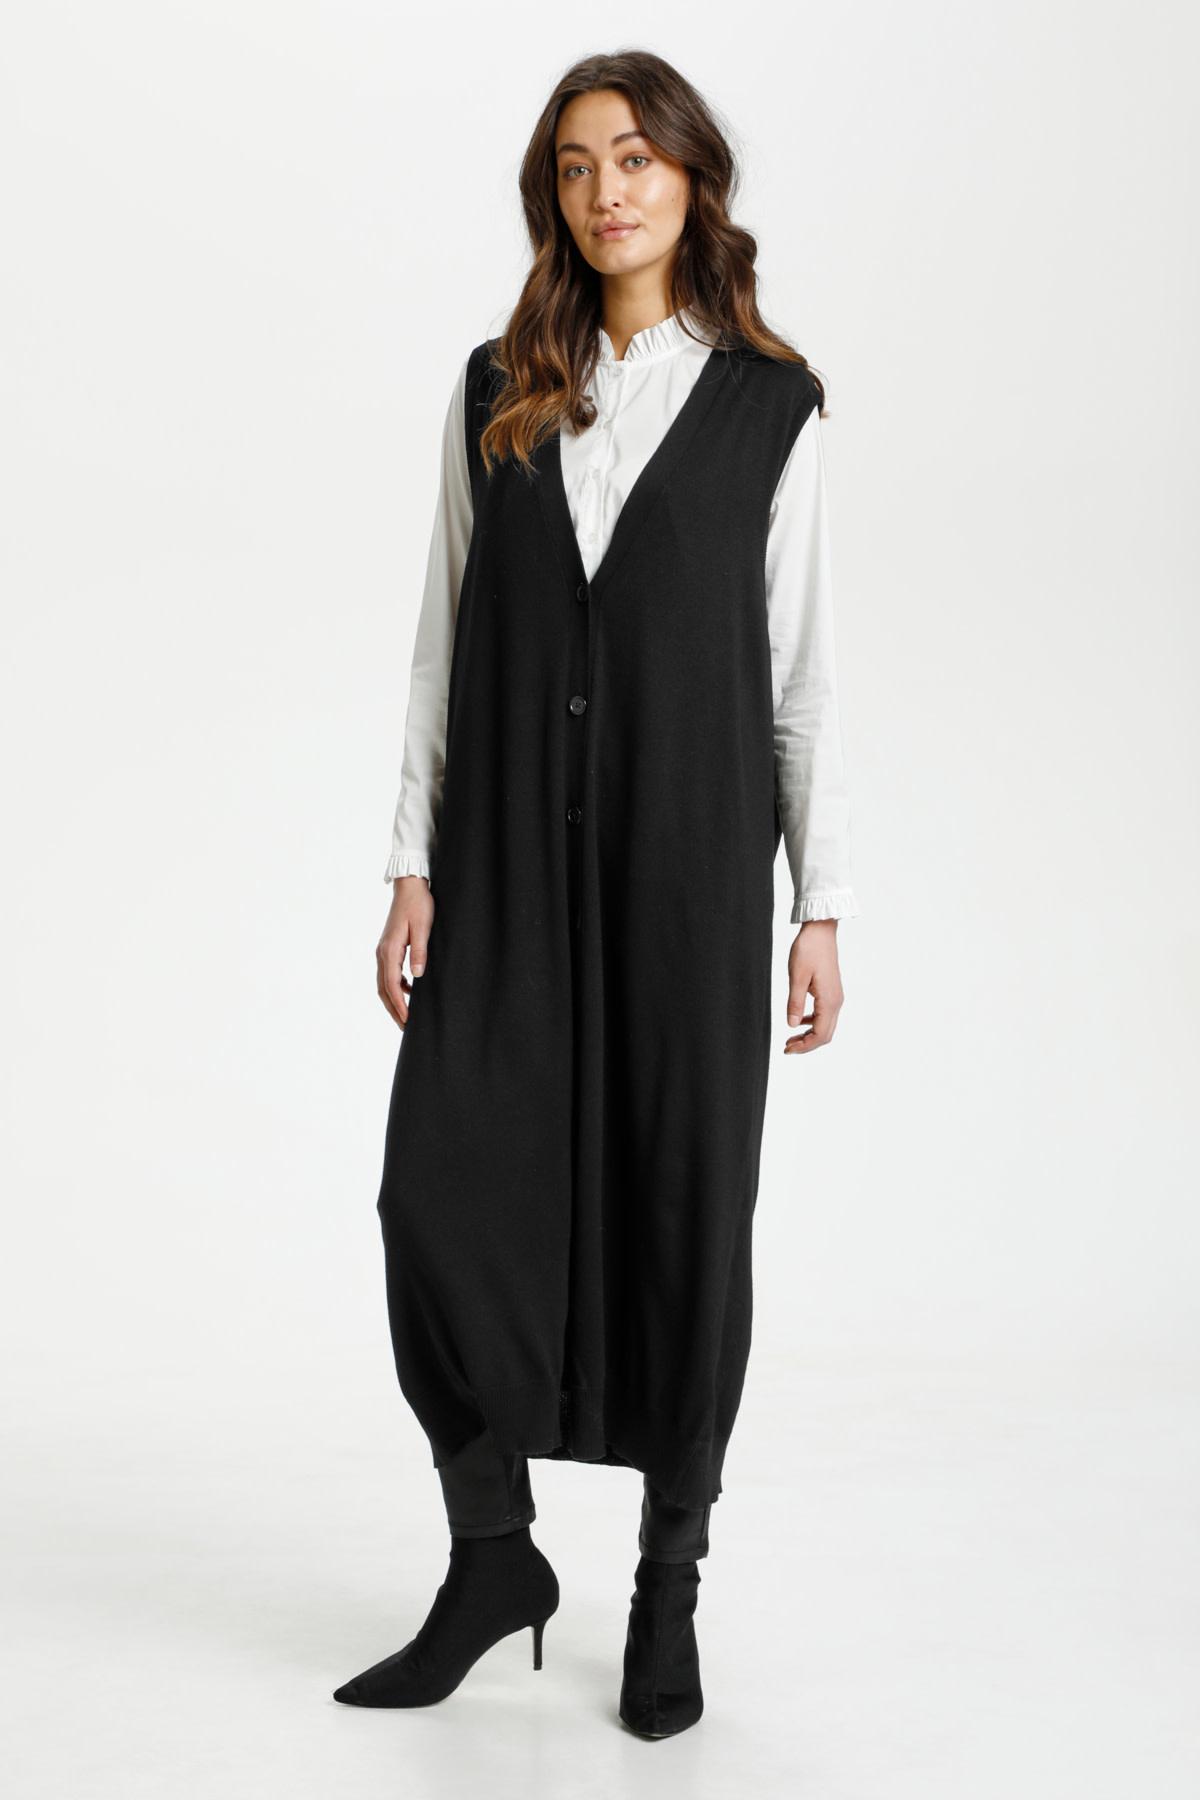 Annemarie Vest